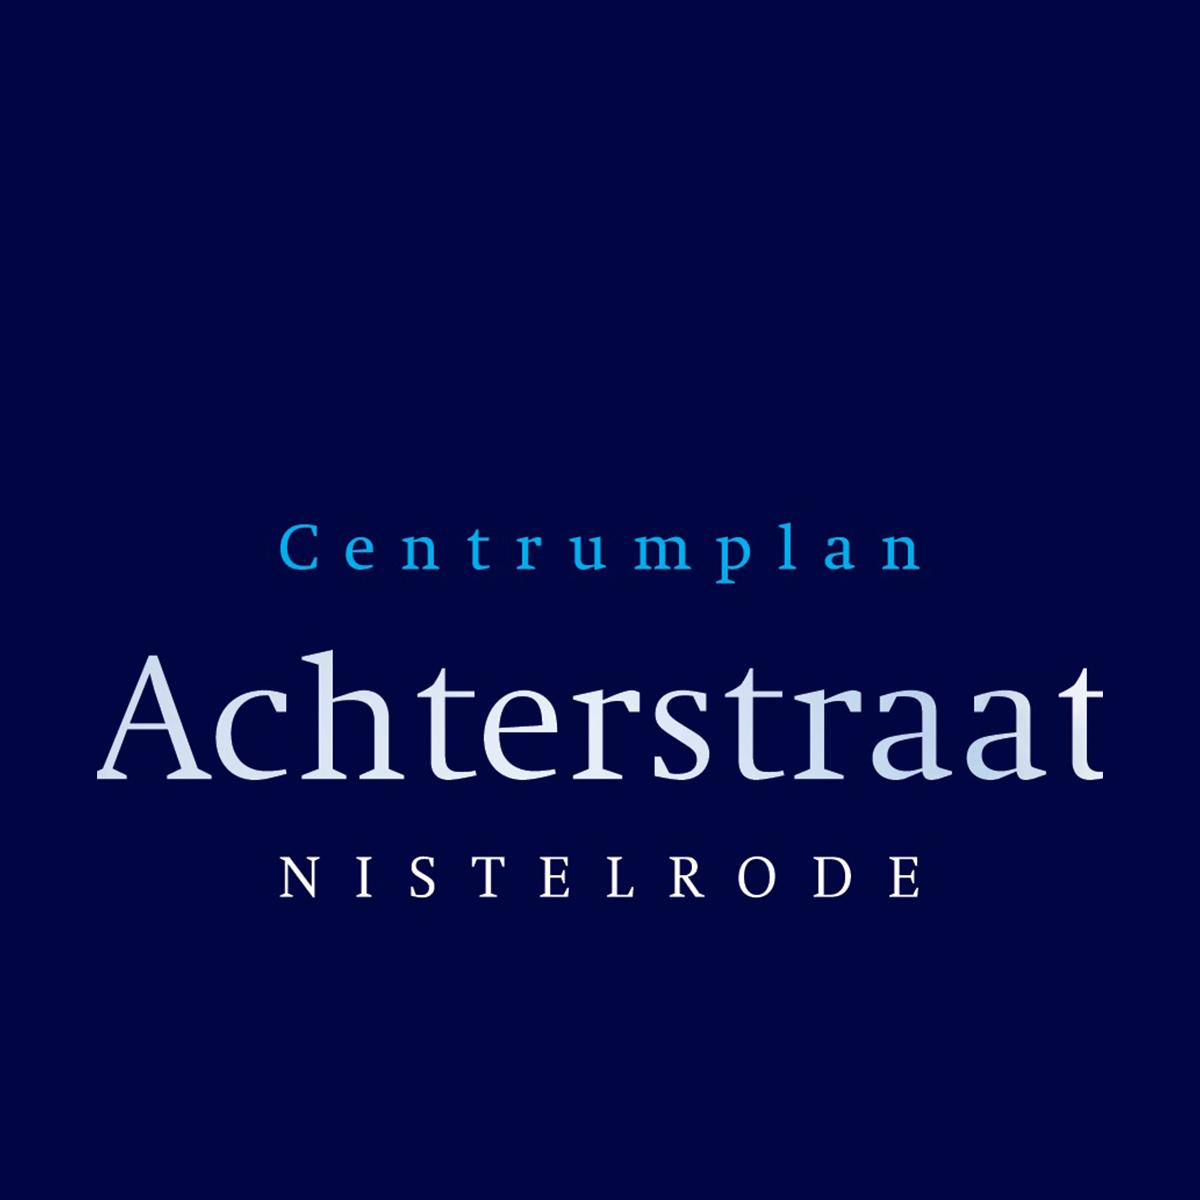 Centrumplan Achterstraat